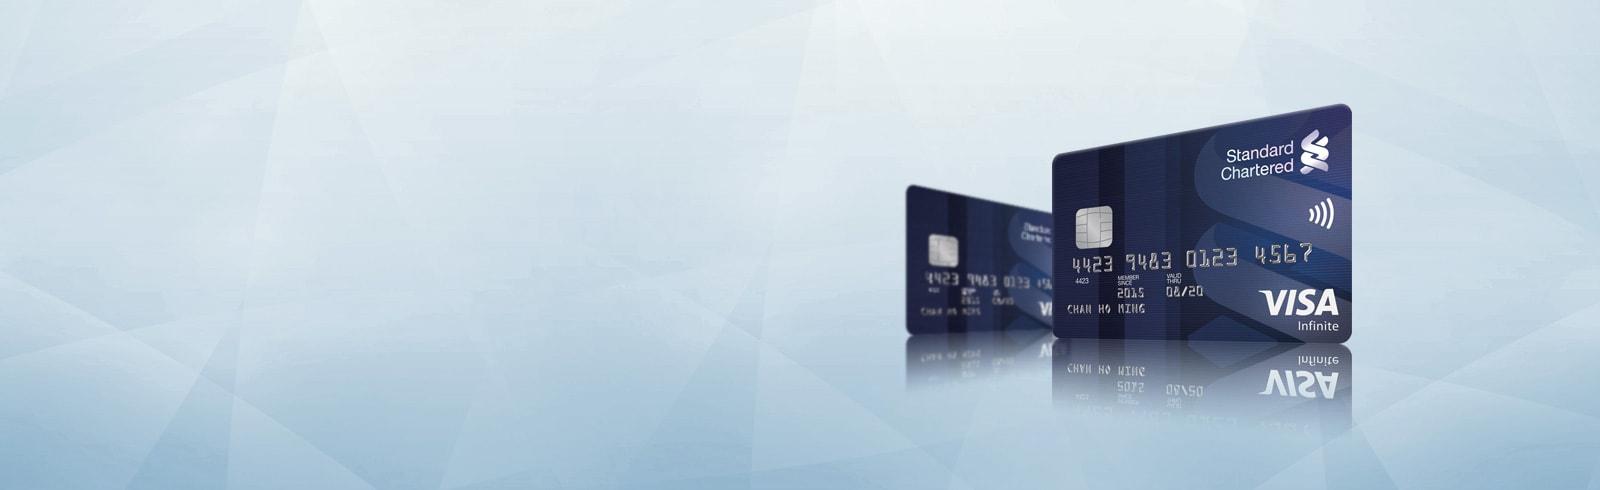 渣打Visa Infinite信用卡卡面